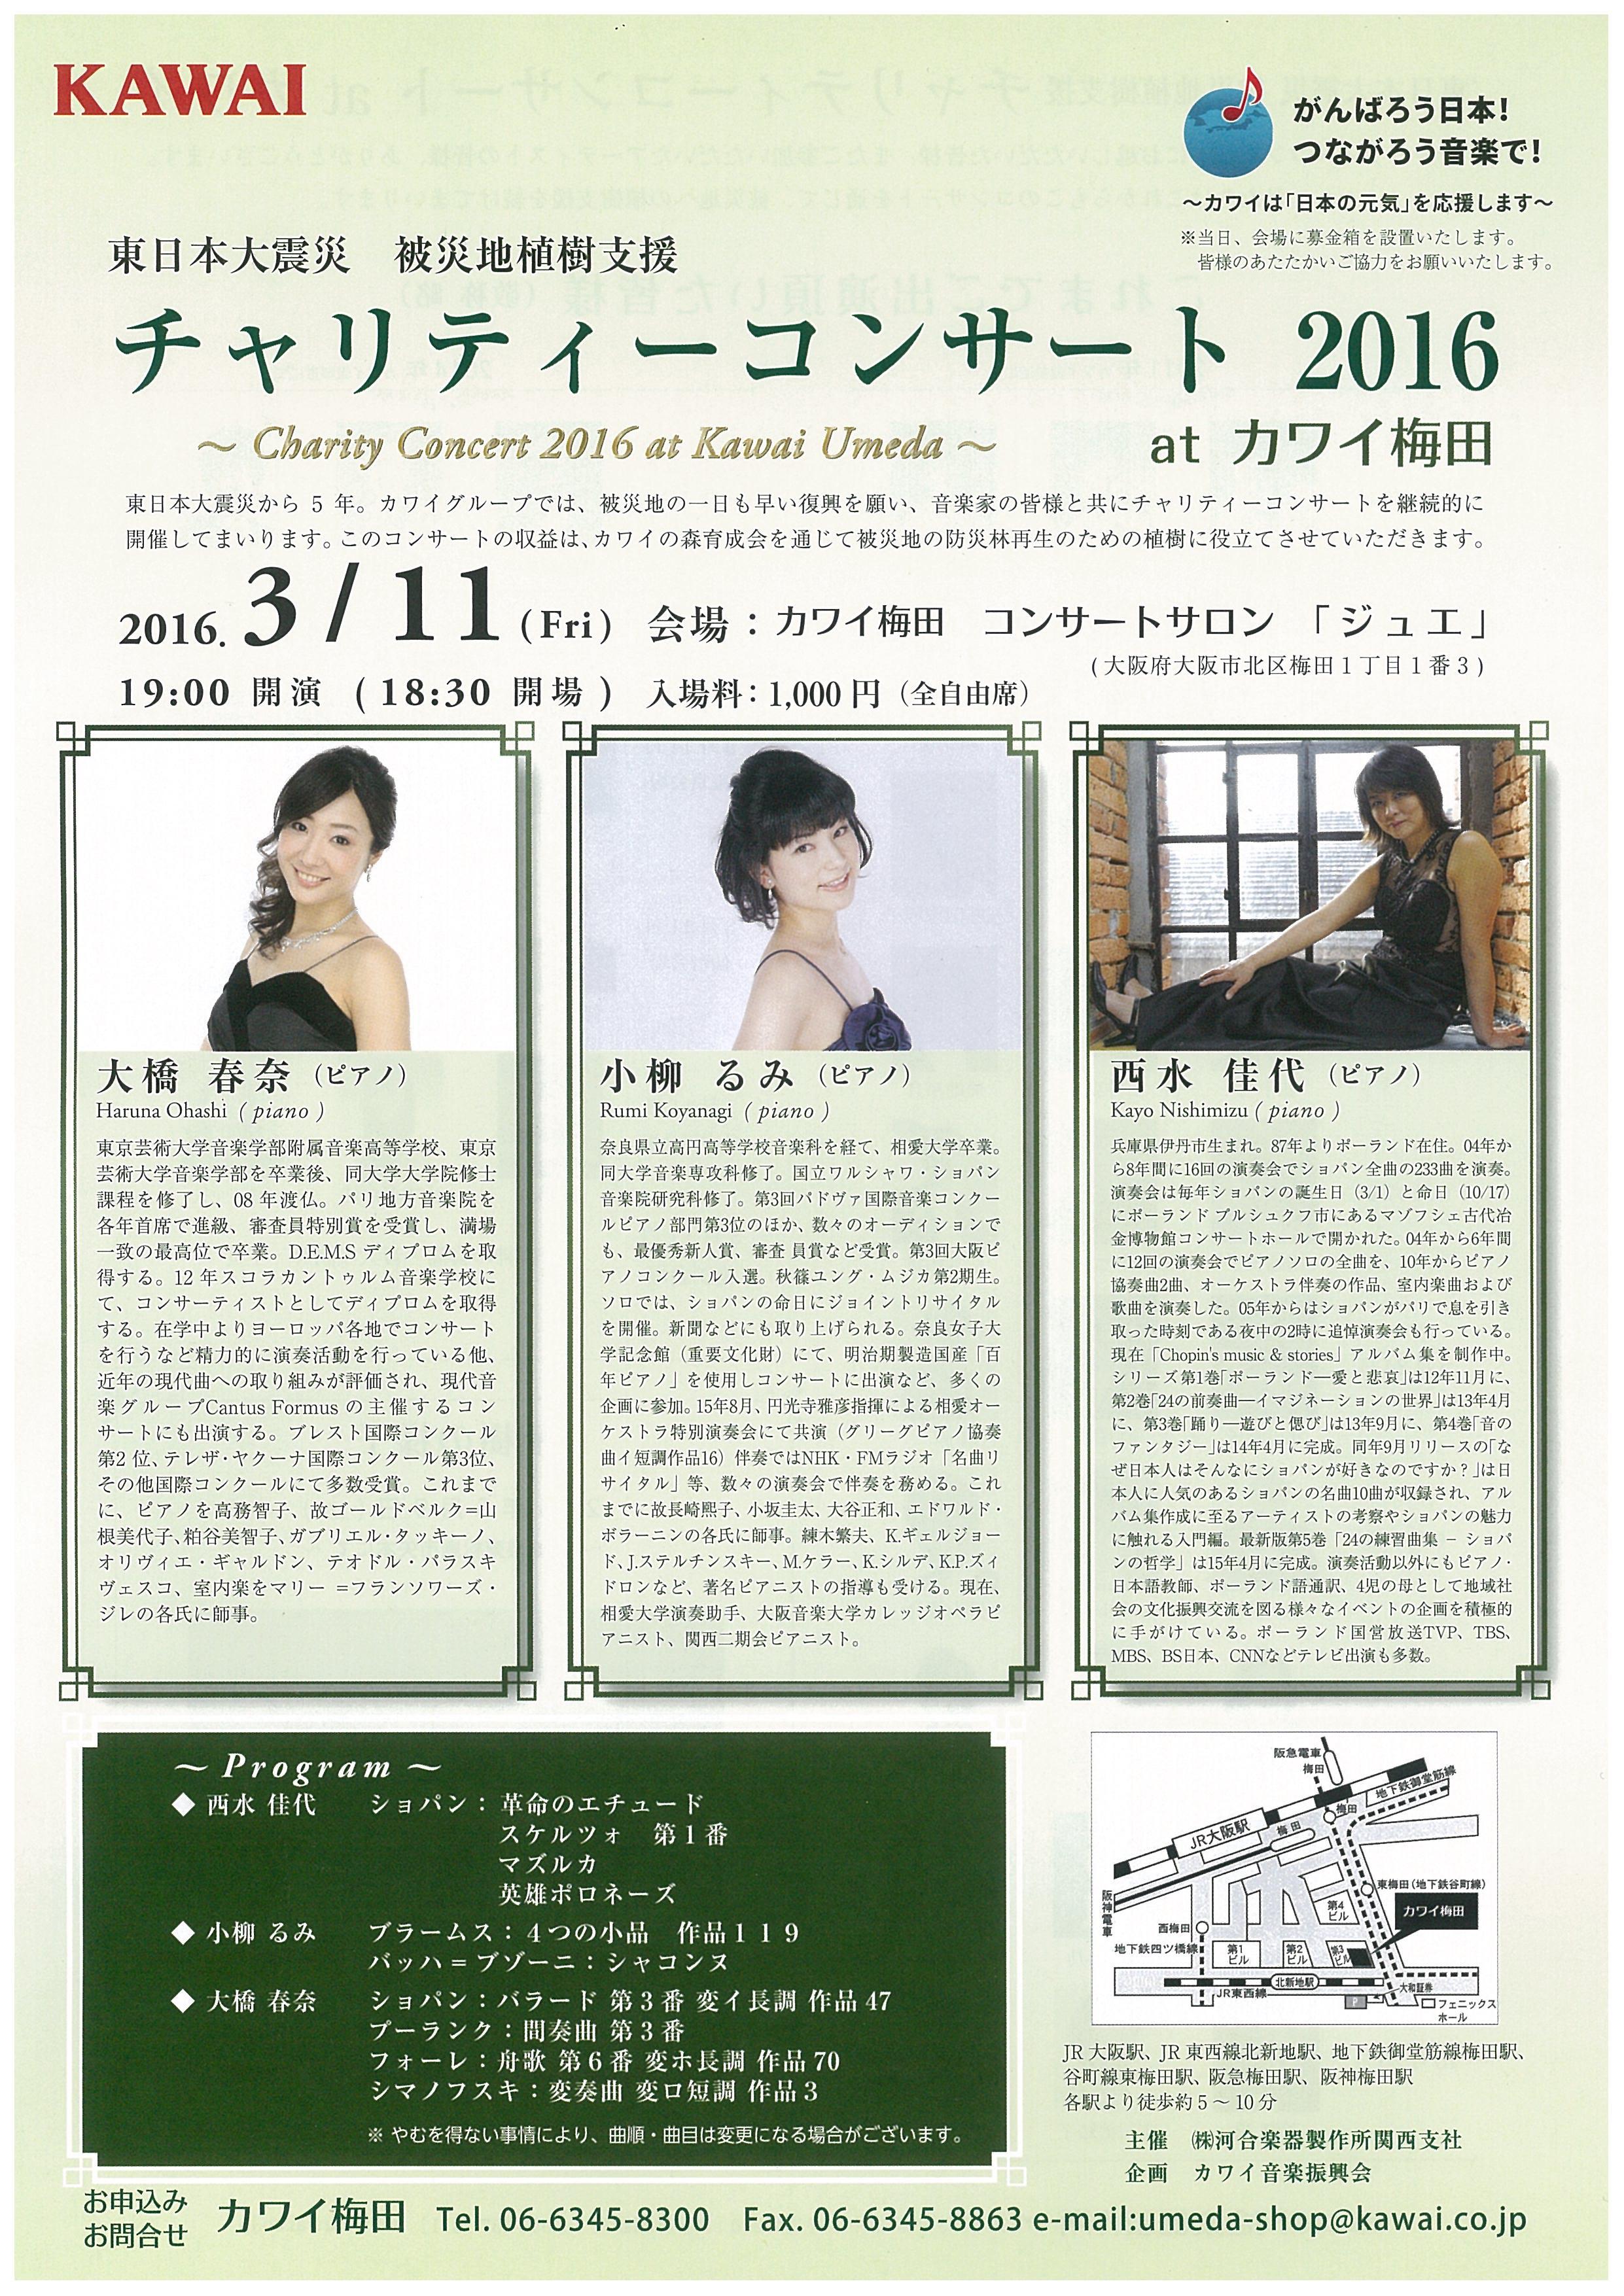 東日本大震災 被災地植樹支援 チャリティーコンサート 2016 at カワイ梅田